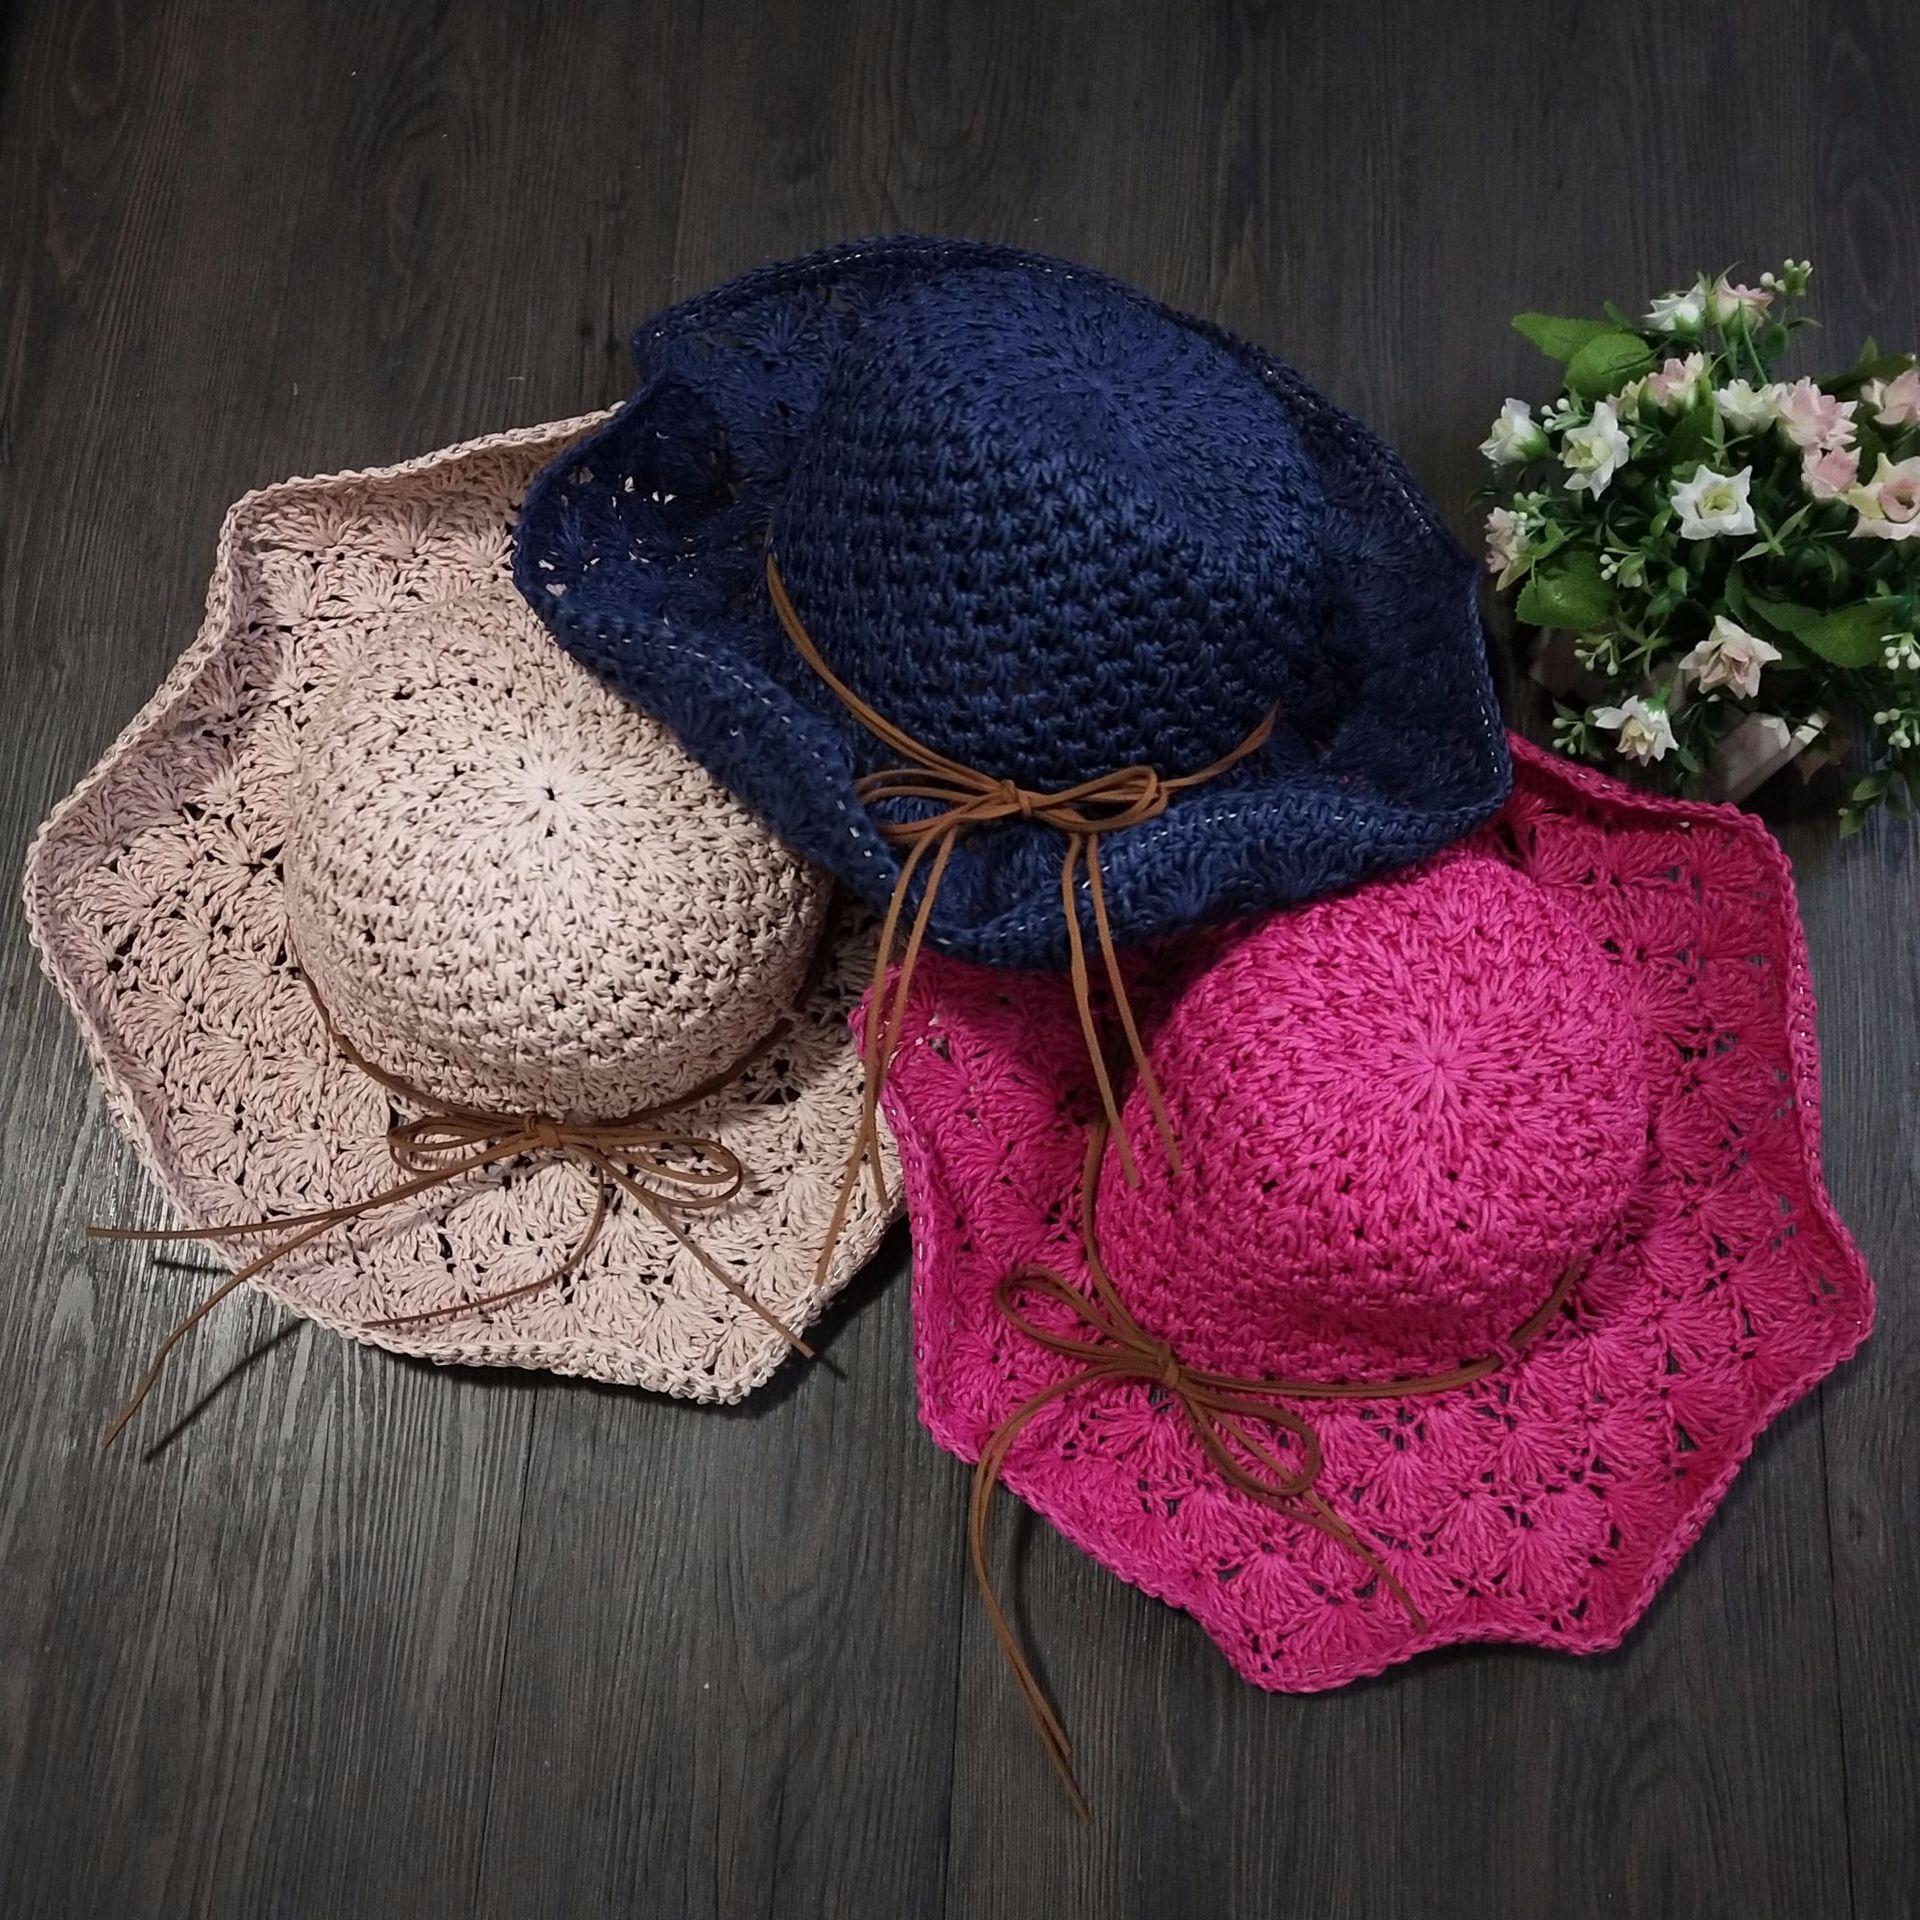 оптовая продажа вязаные летние шляпы крючком купить лучшие вязаные